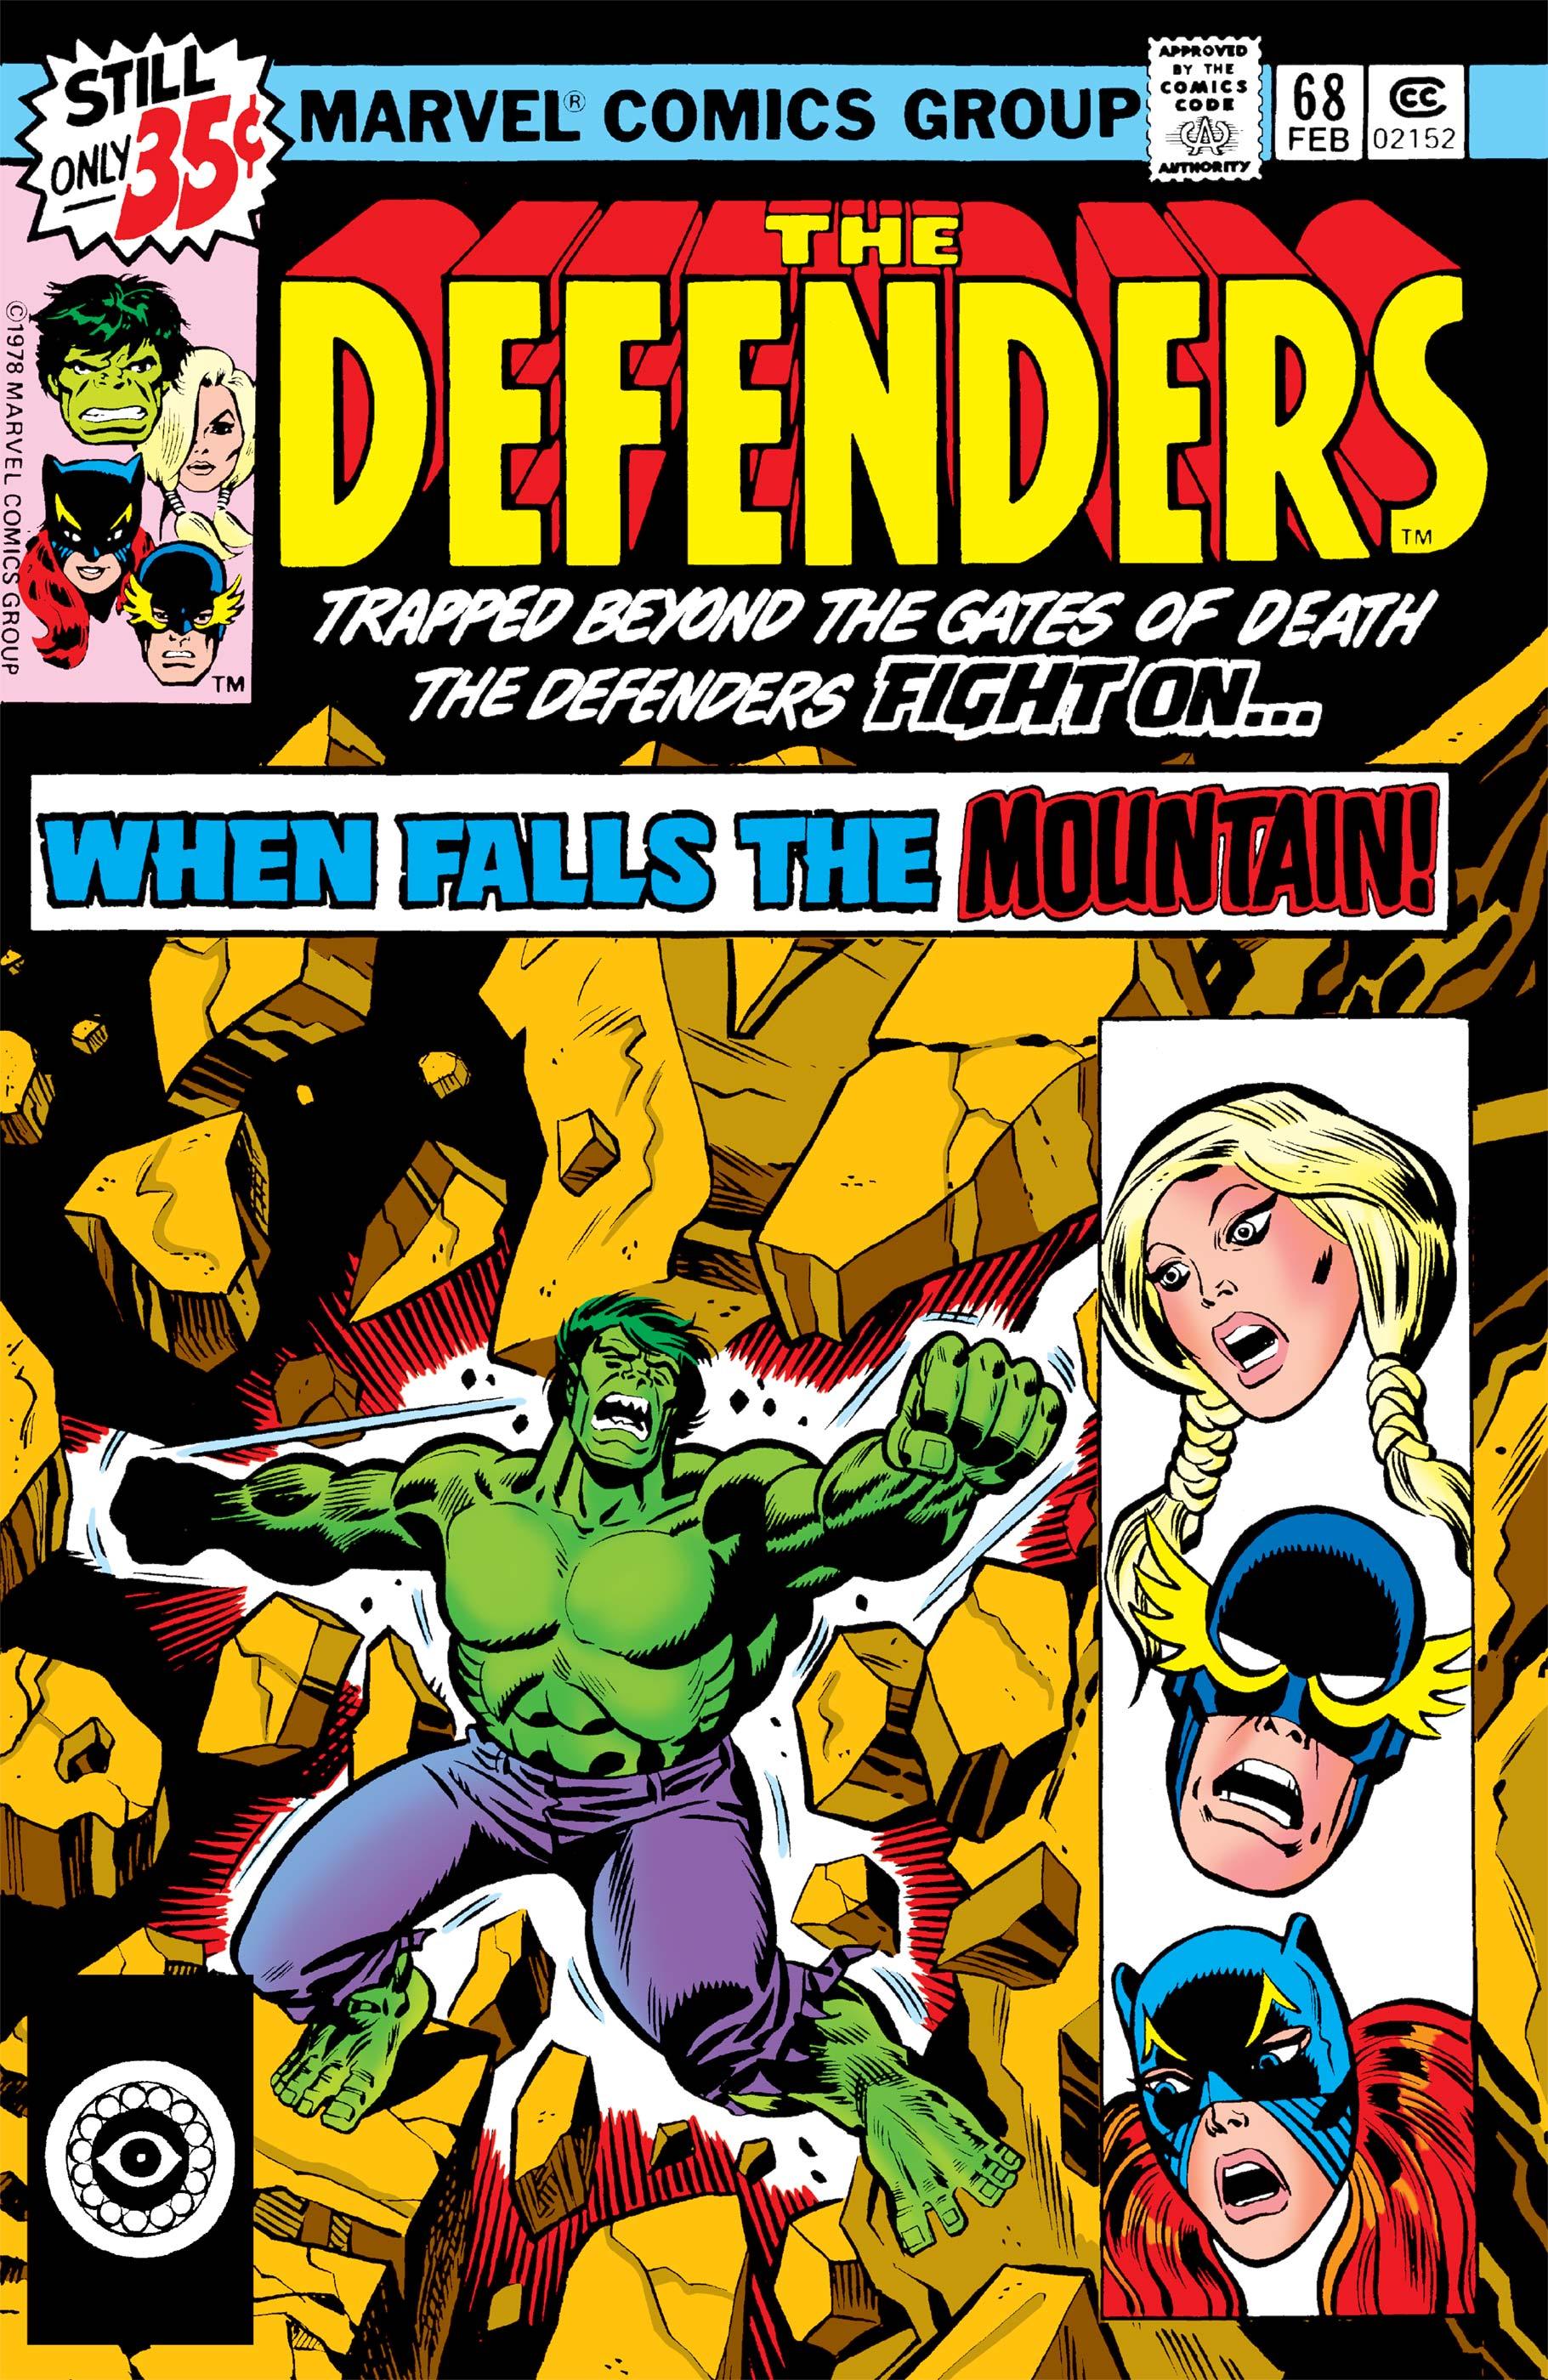 Defenders (1972) #68